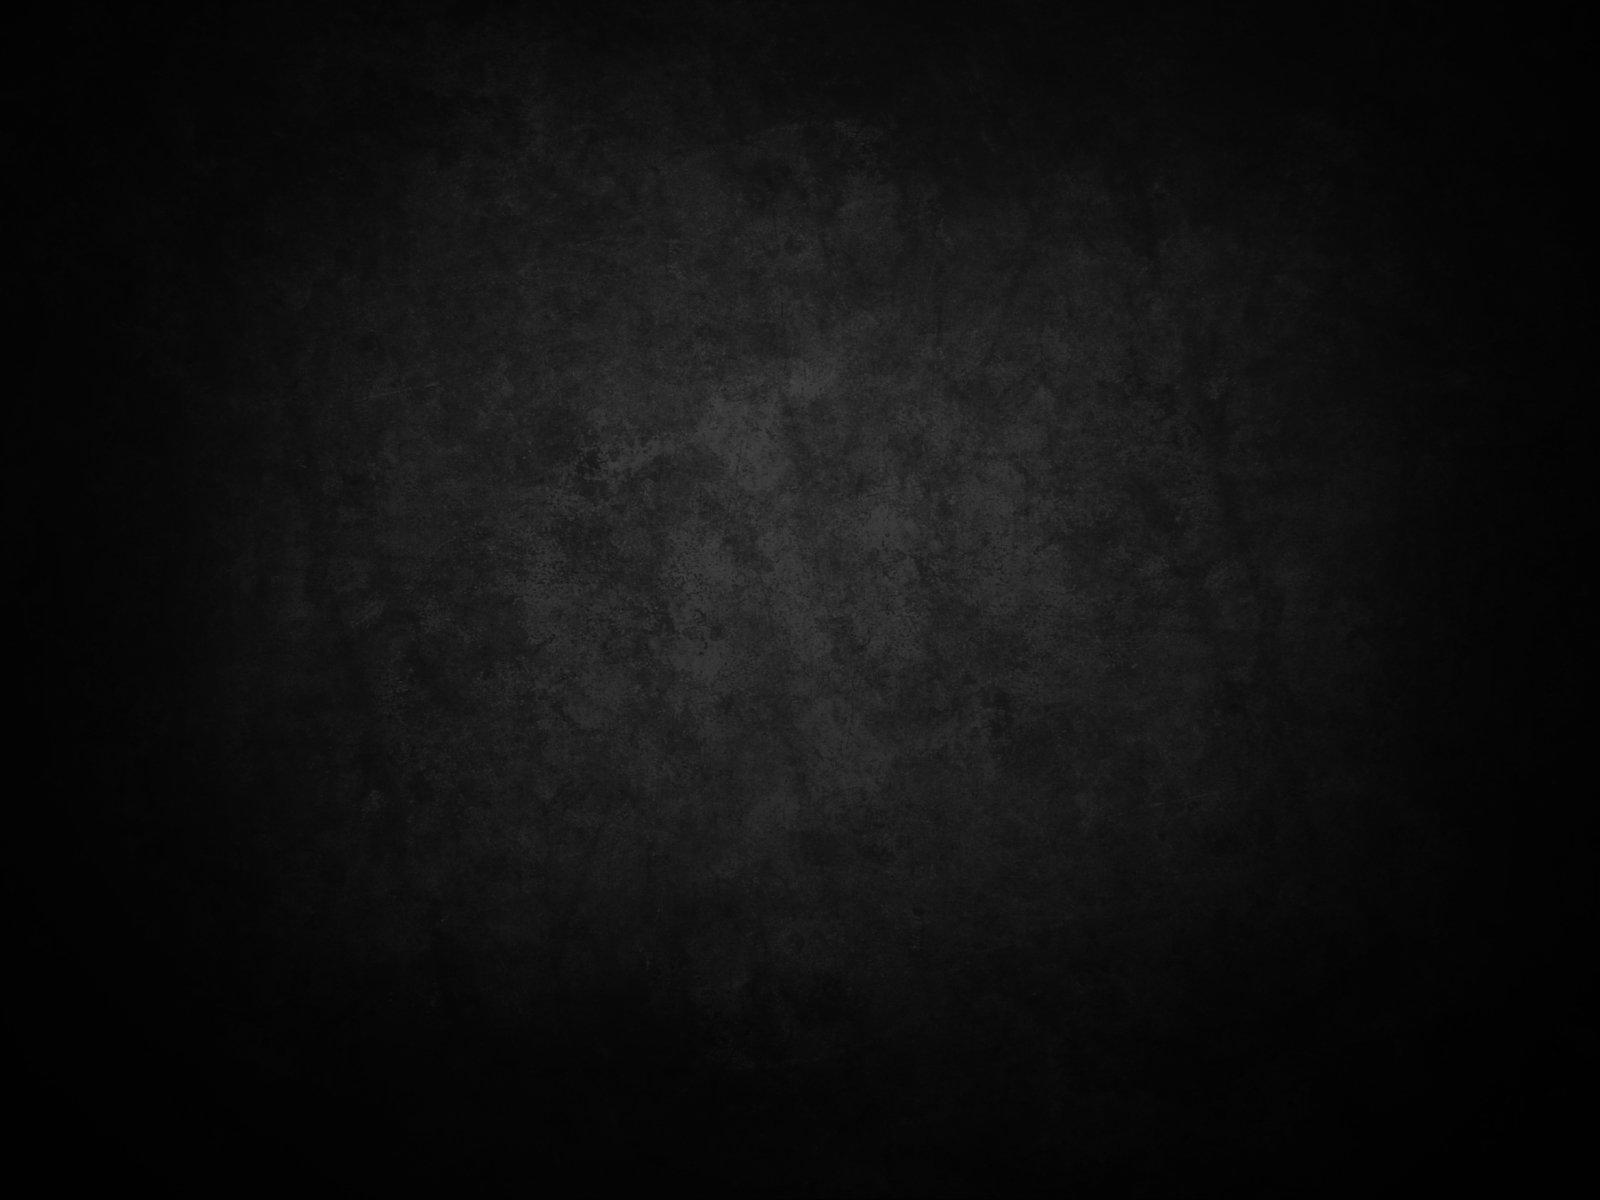 black-nothingness